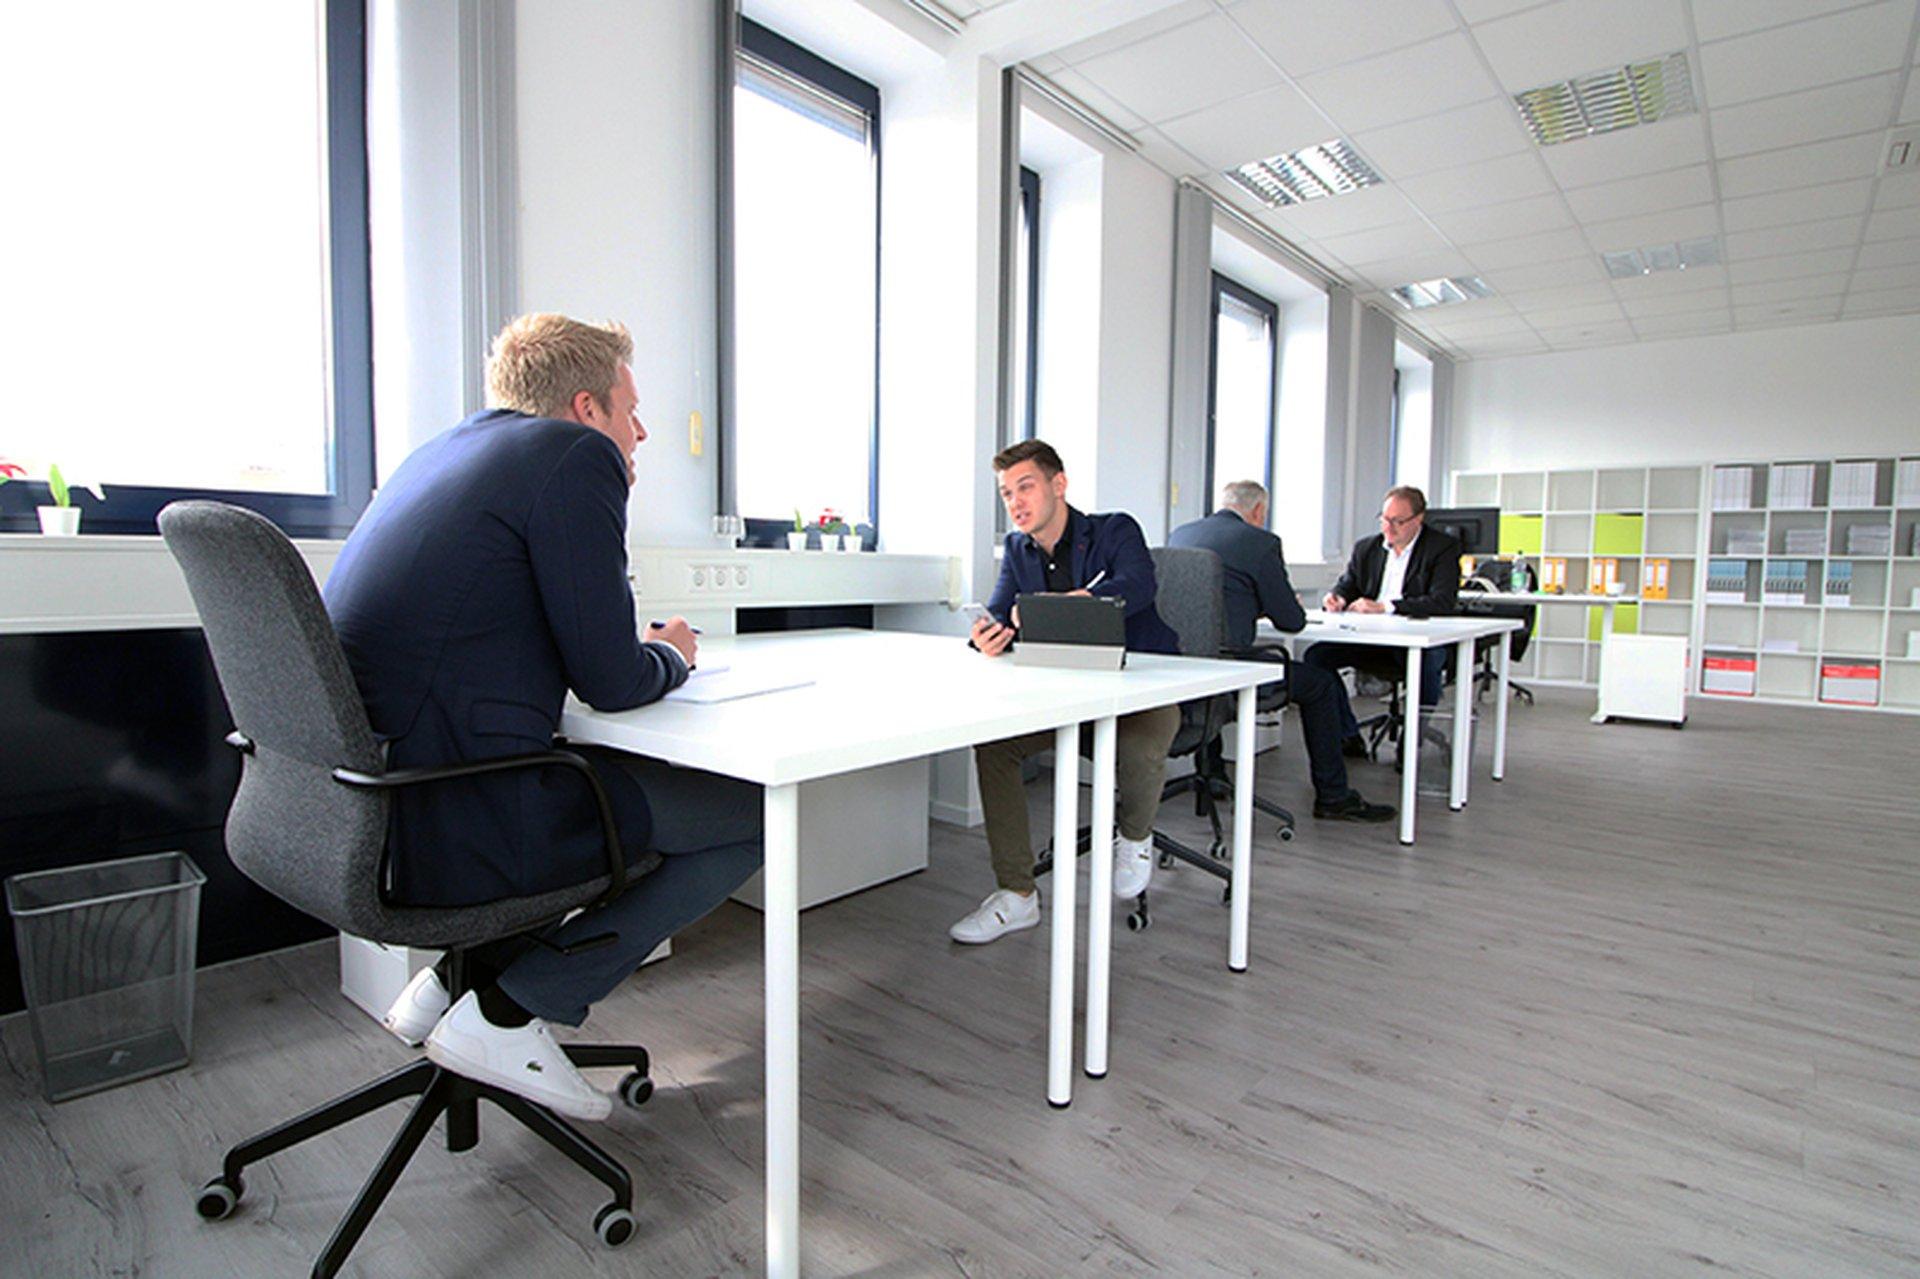 Immobilienmakler Bielefeld - McMakler